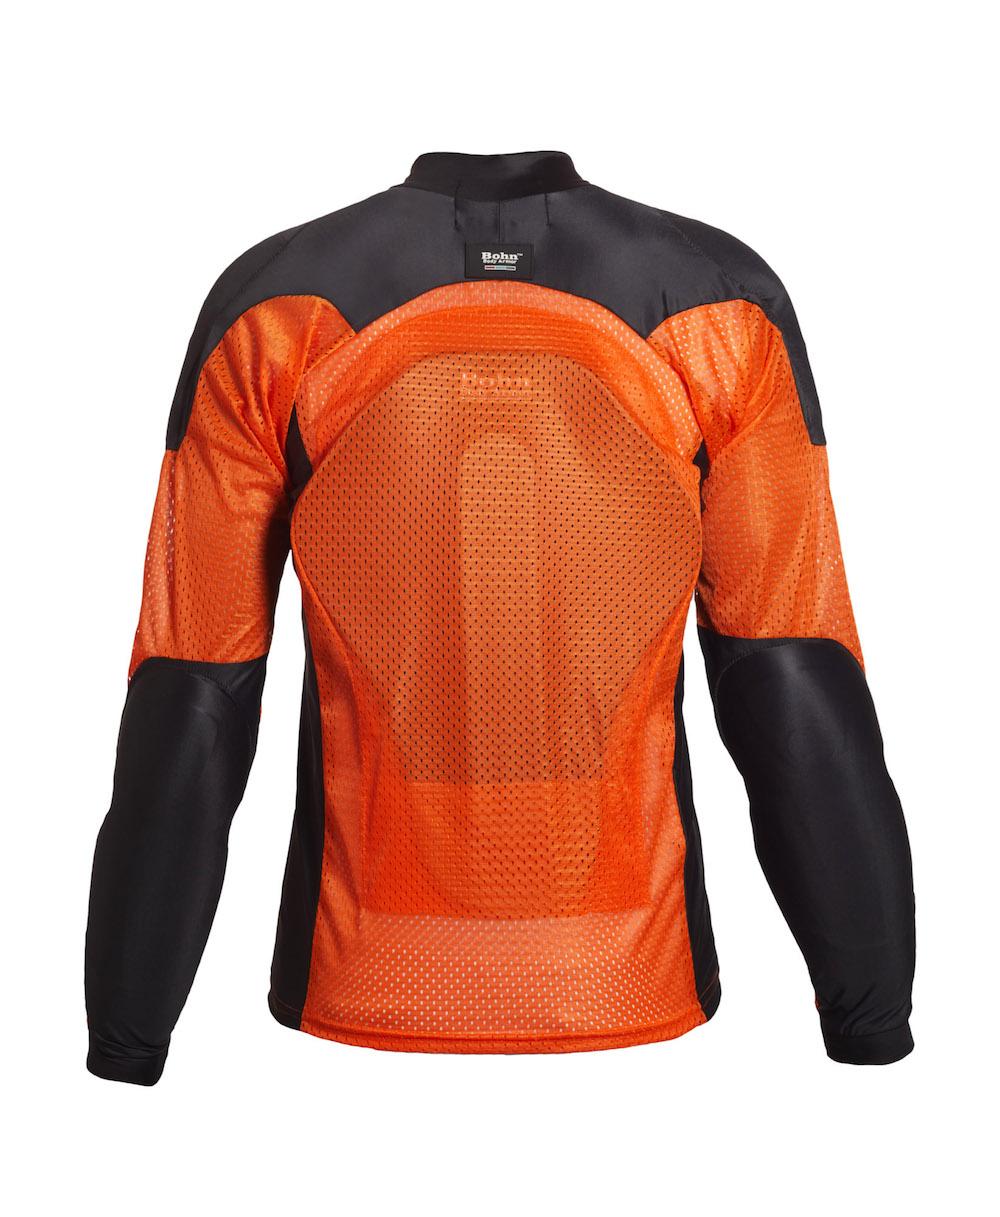 cf0df2a71e3 All-Season Airtex Armored Riding Shirt - Orange